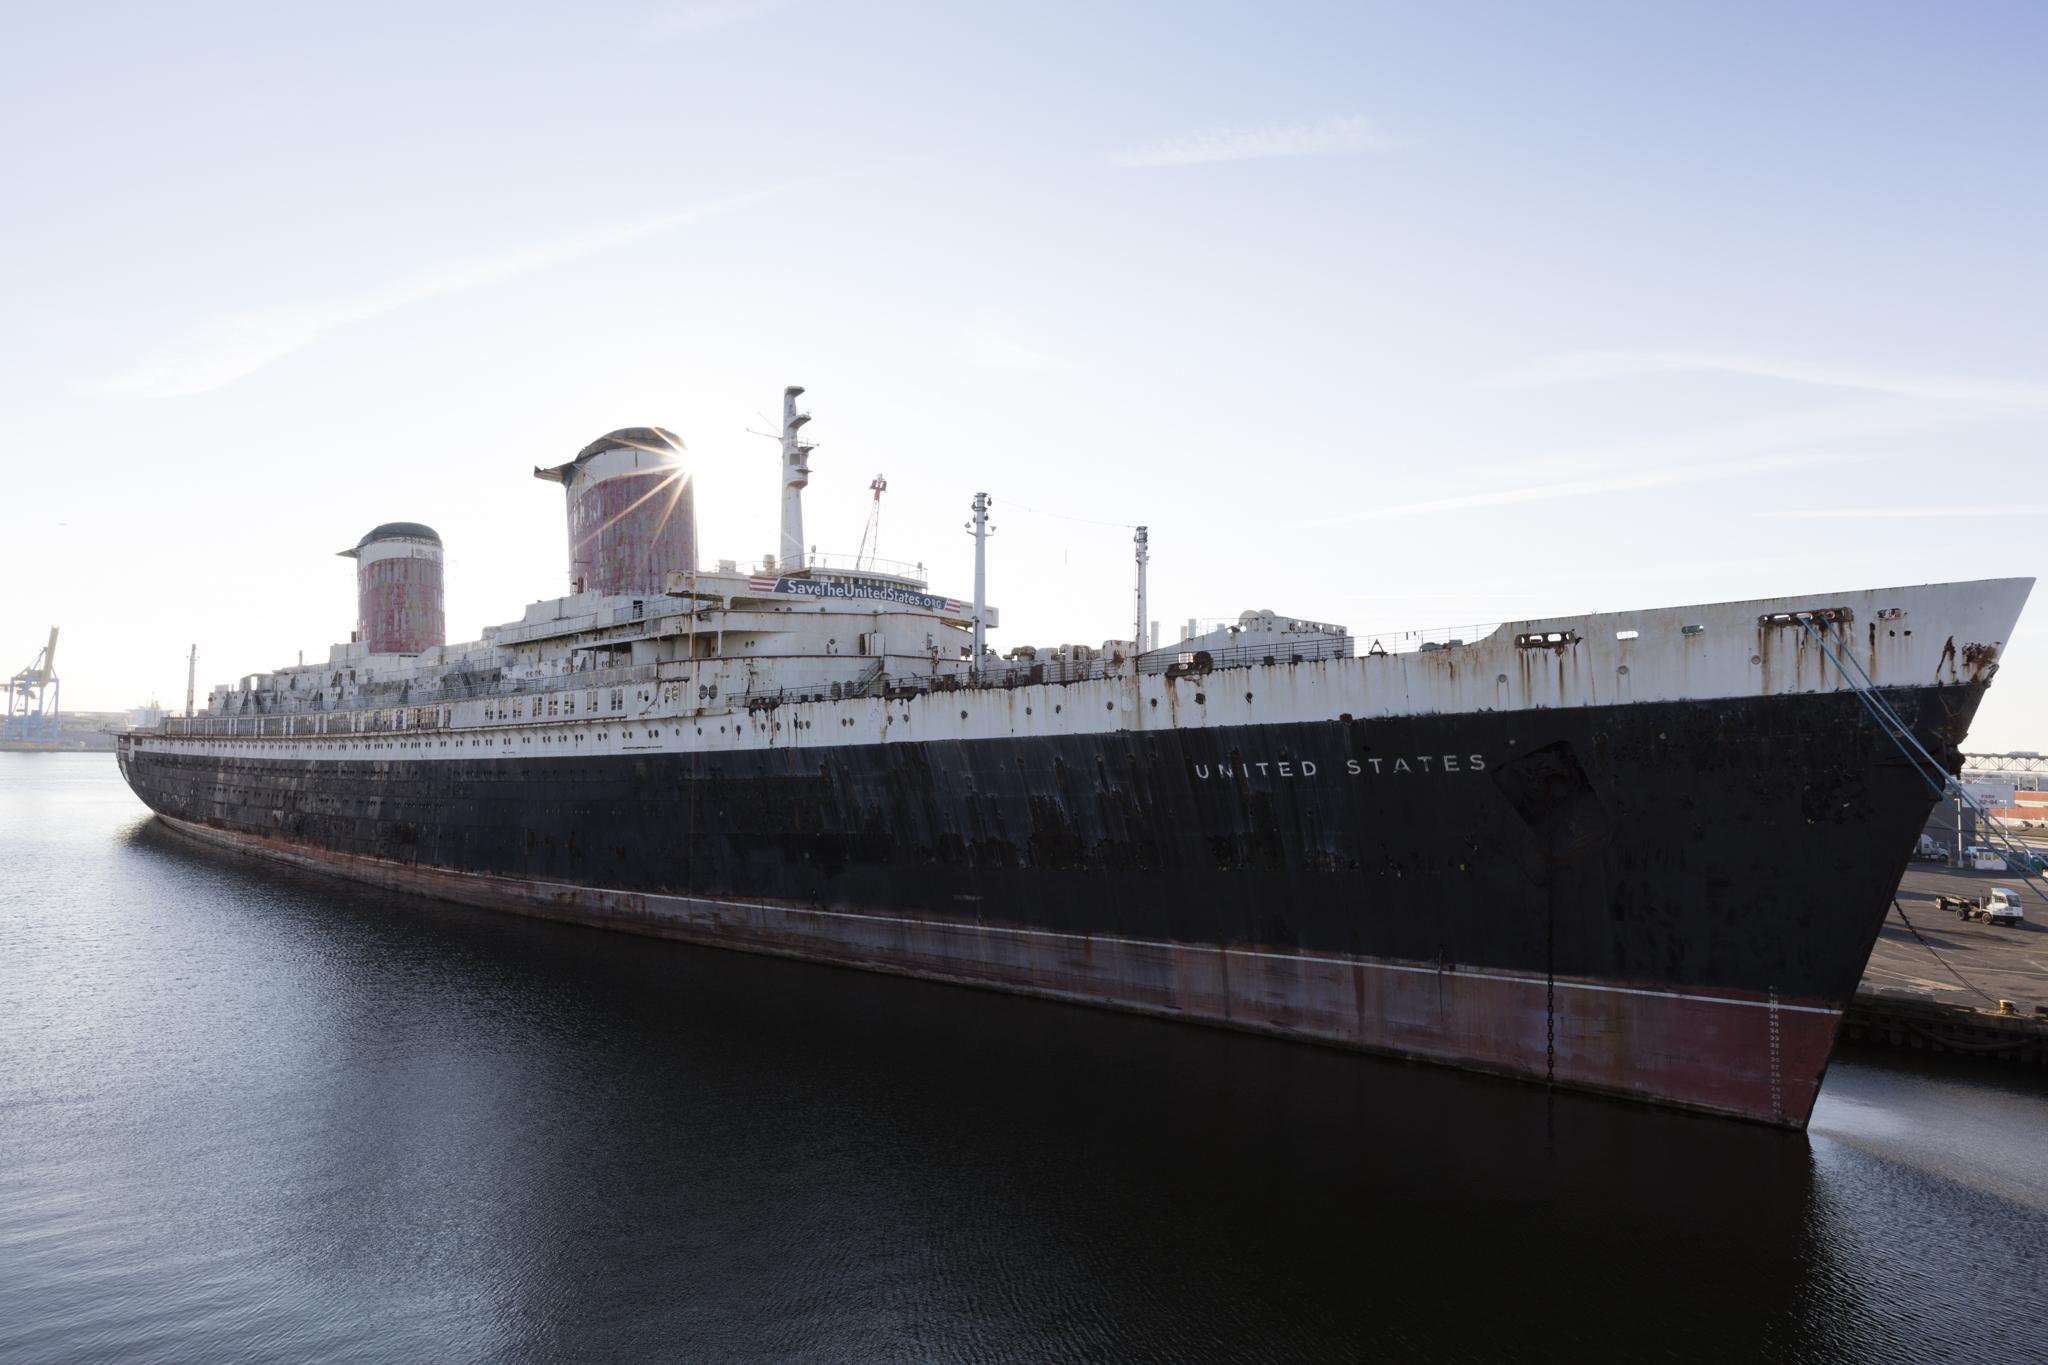 sunrise image of the SS United States